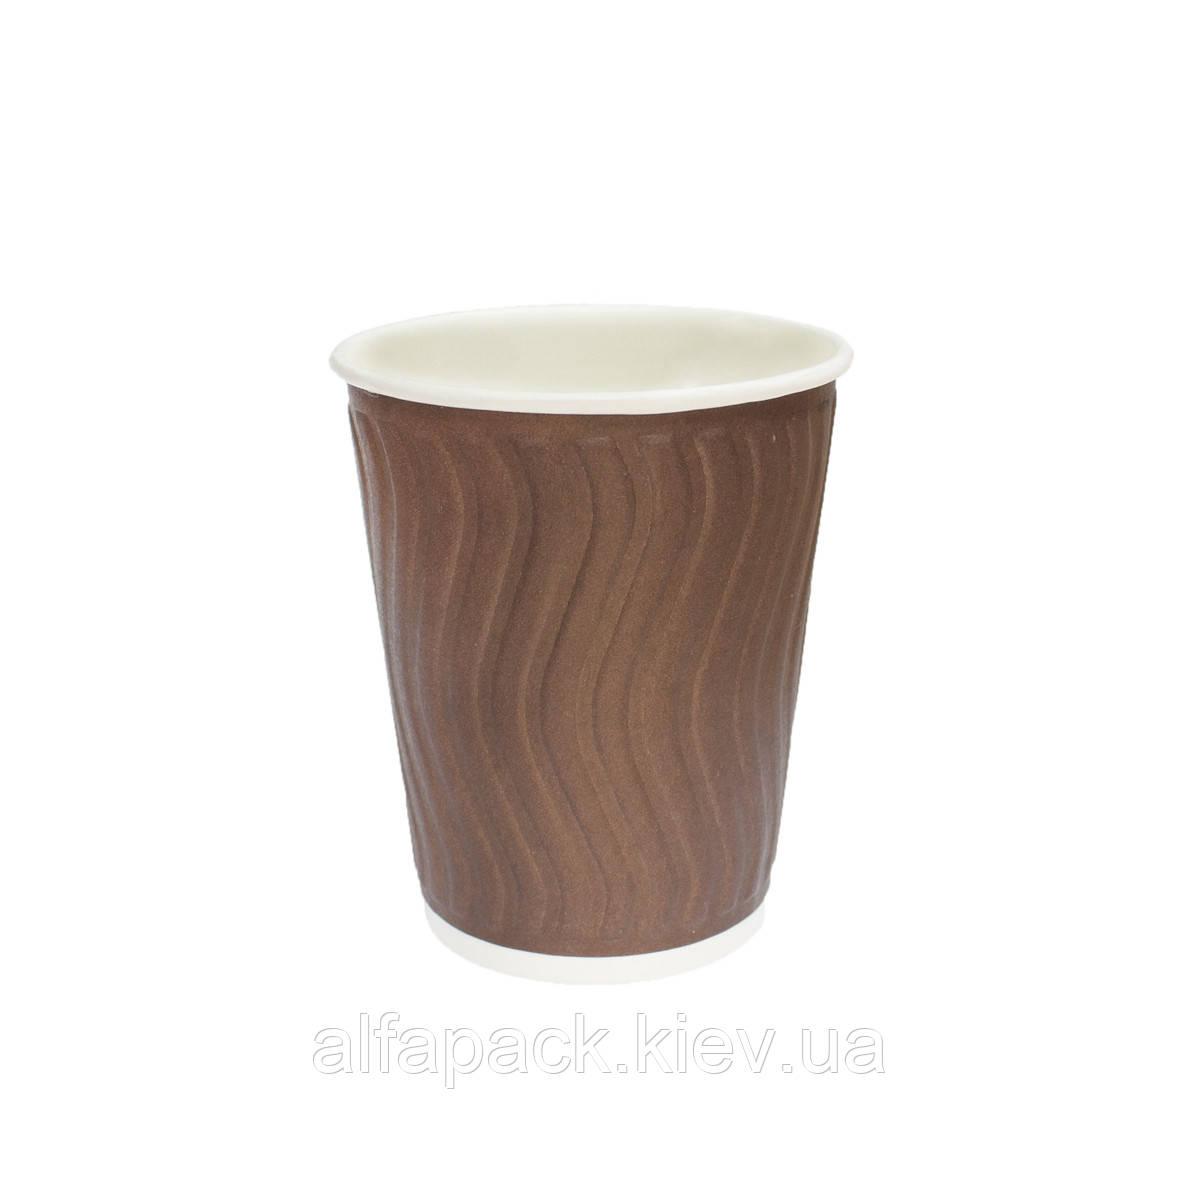 Гофрированный стакан волна коричневый 175 мл